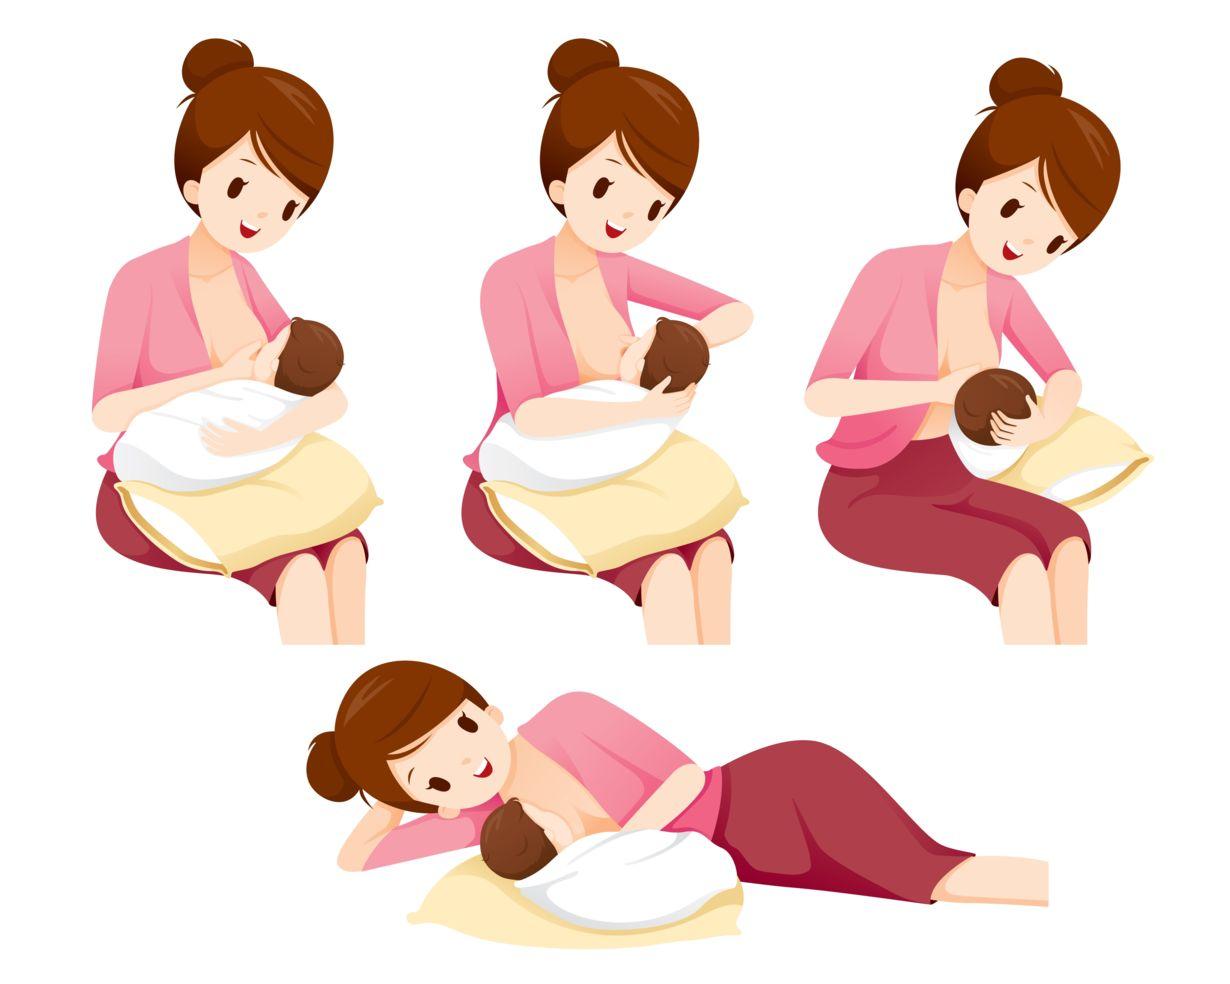 قرار دادن نوک پستان در معرض هوا